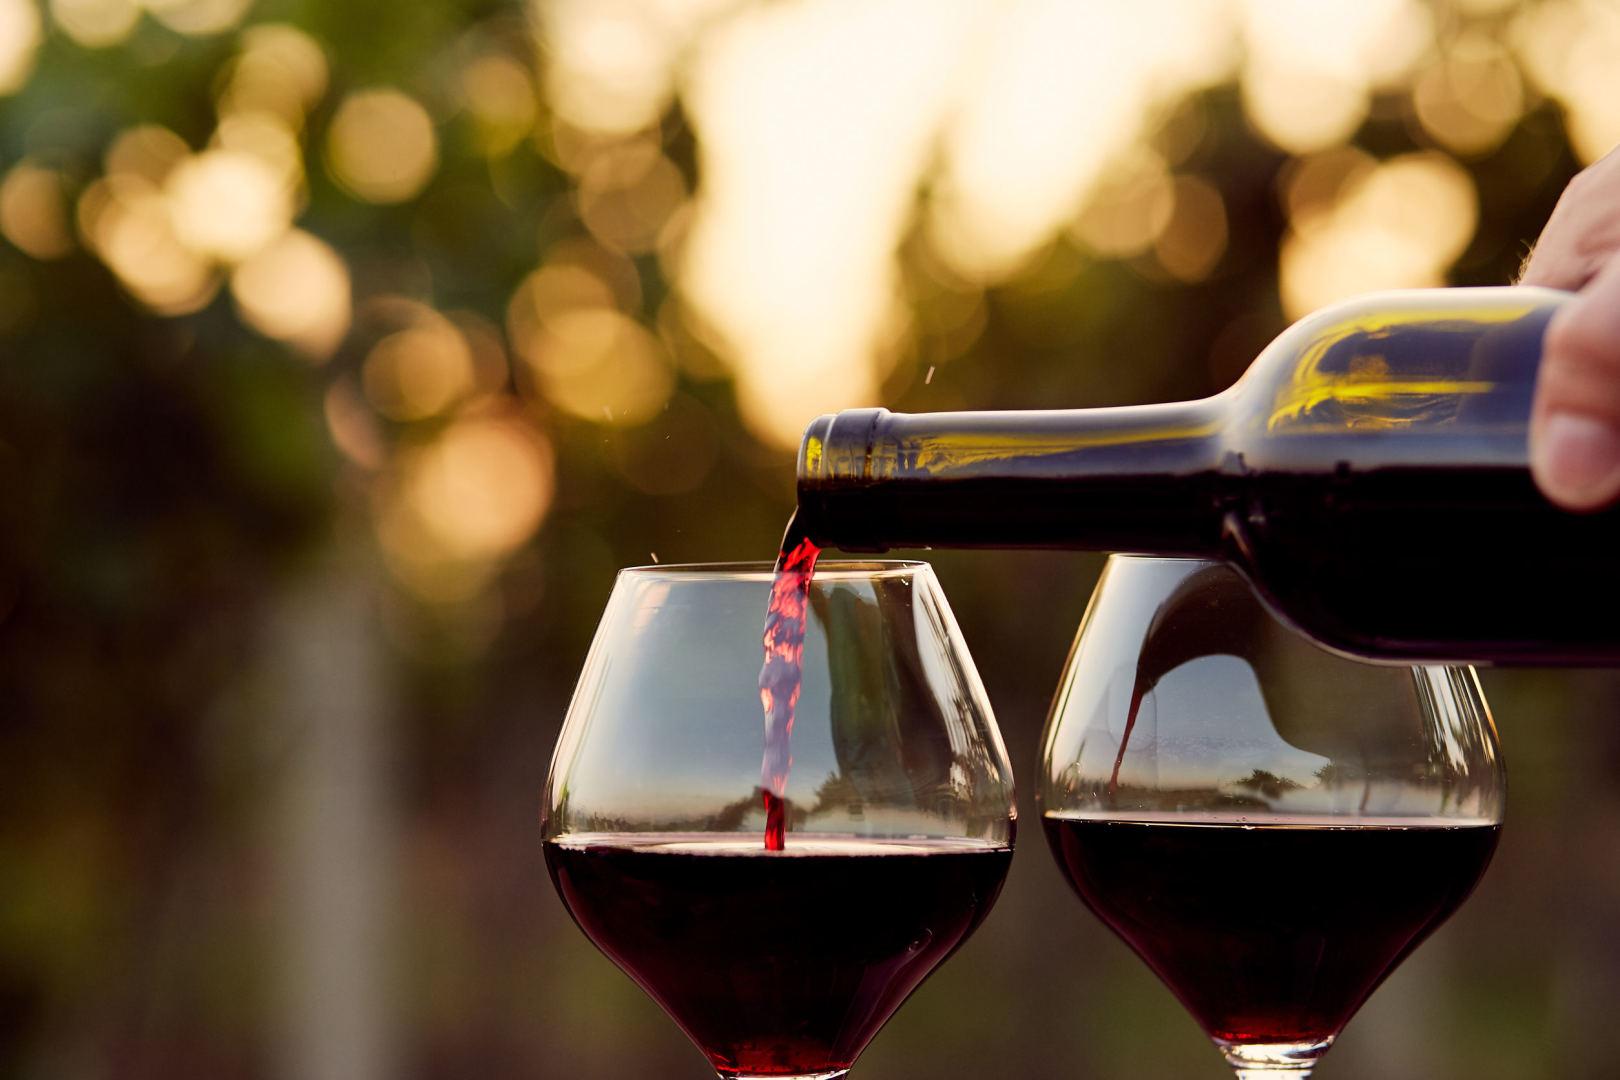 geri vynai širdies sveikatai hipertenzija gydomi vaistai lozap